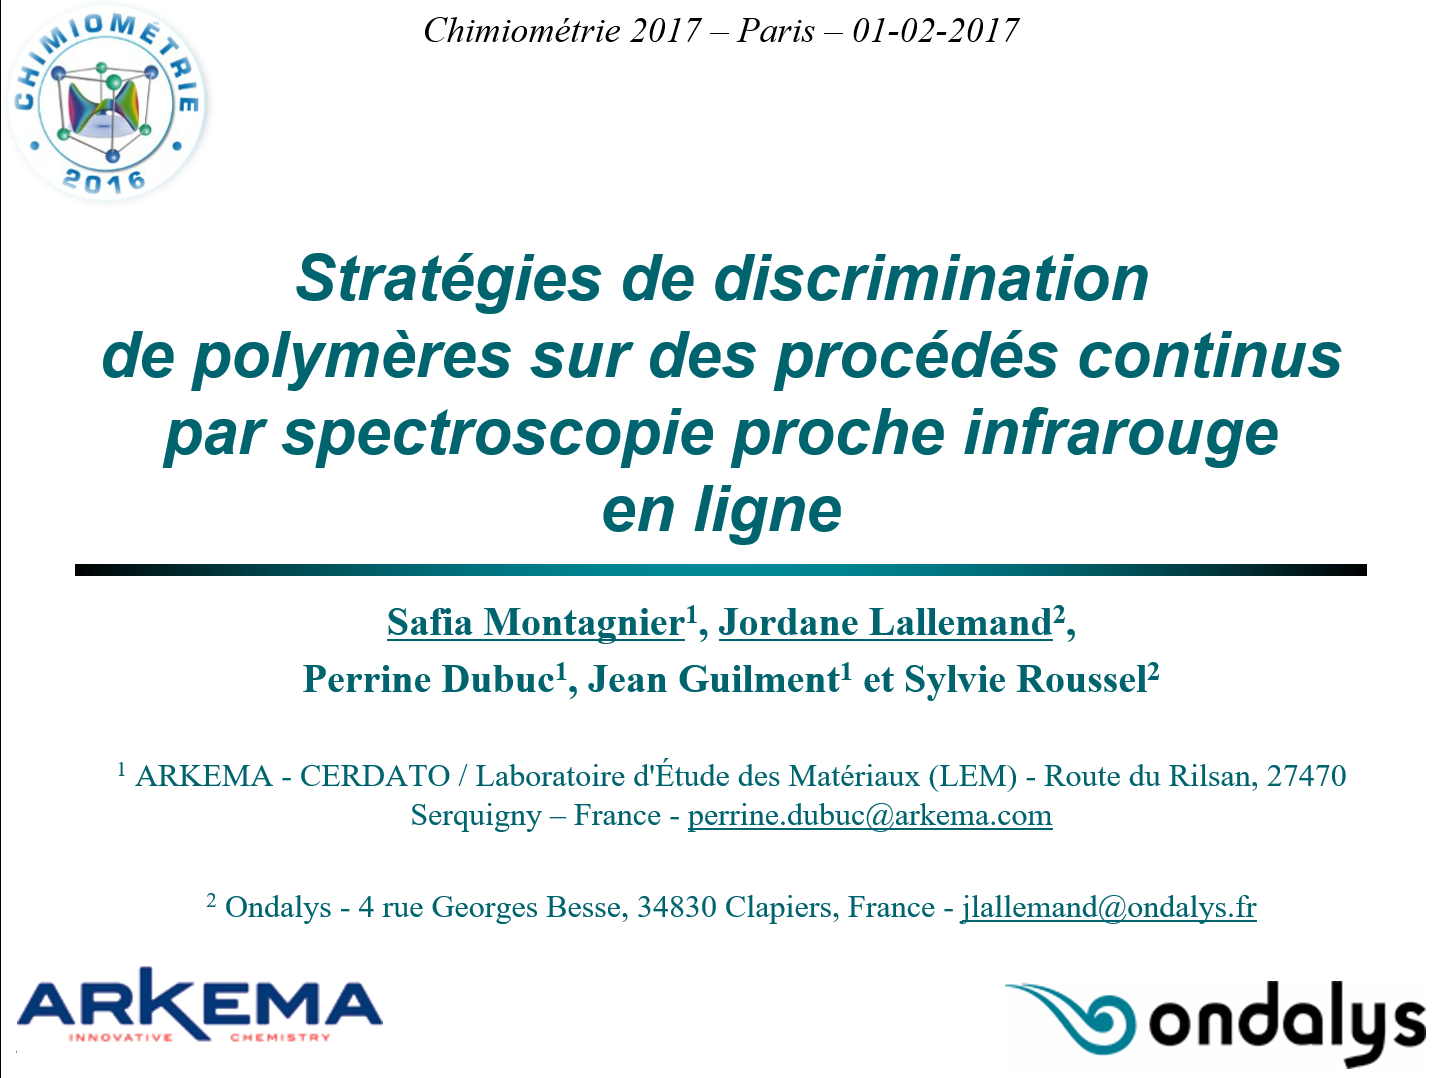 Conference Chimiométrie 2017